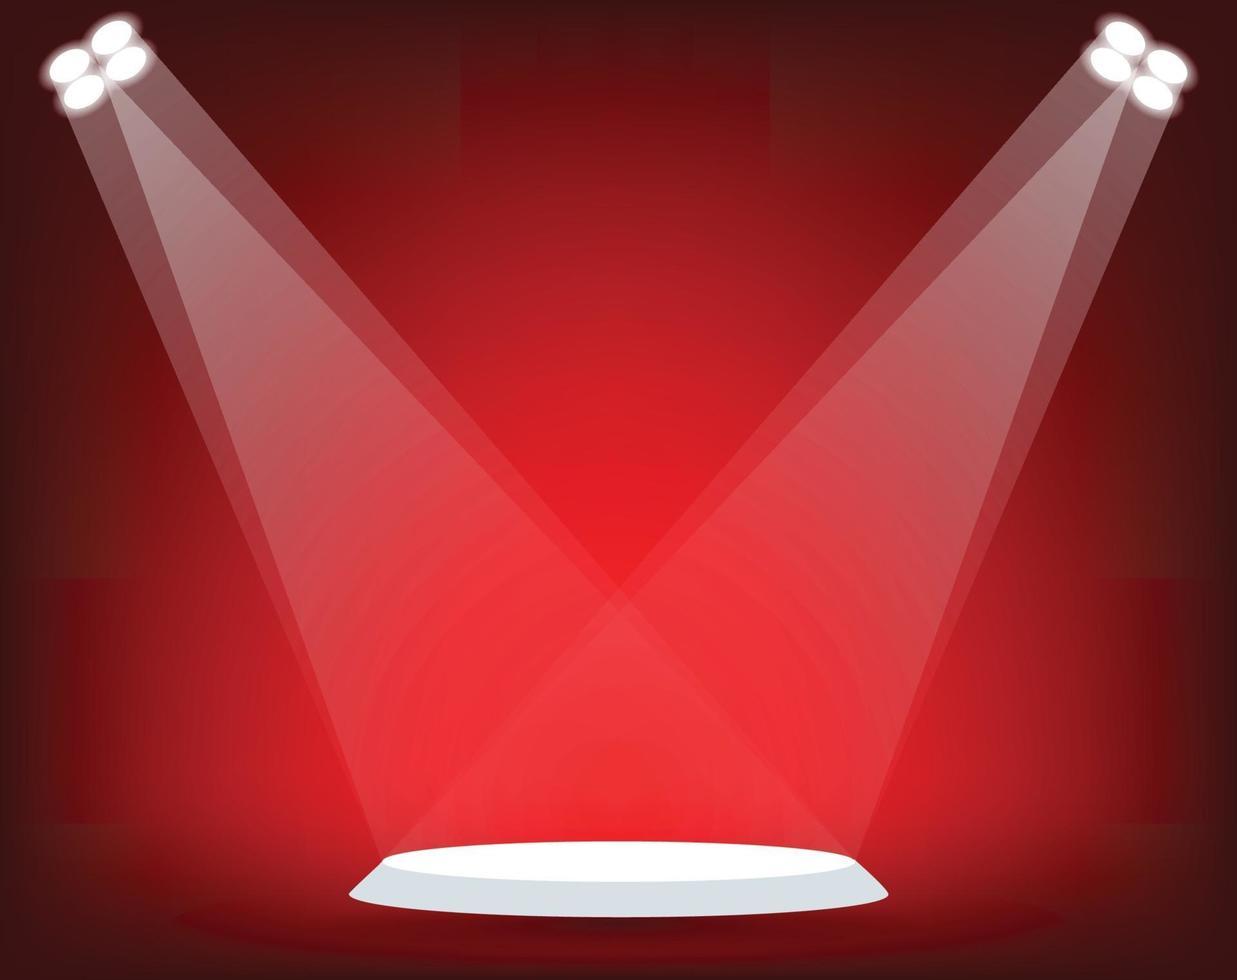 ficar com holofotes sobre fundo vermelho. ilustração vetorial vetor